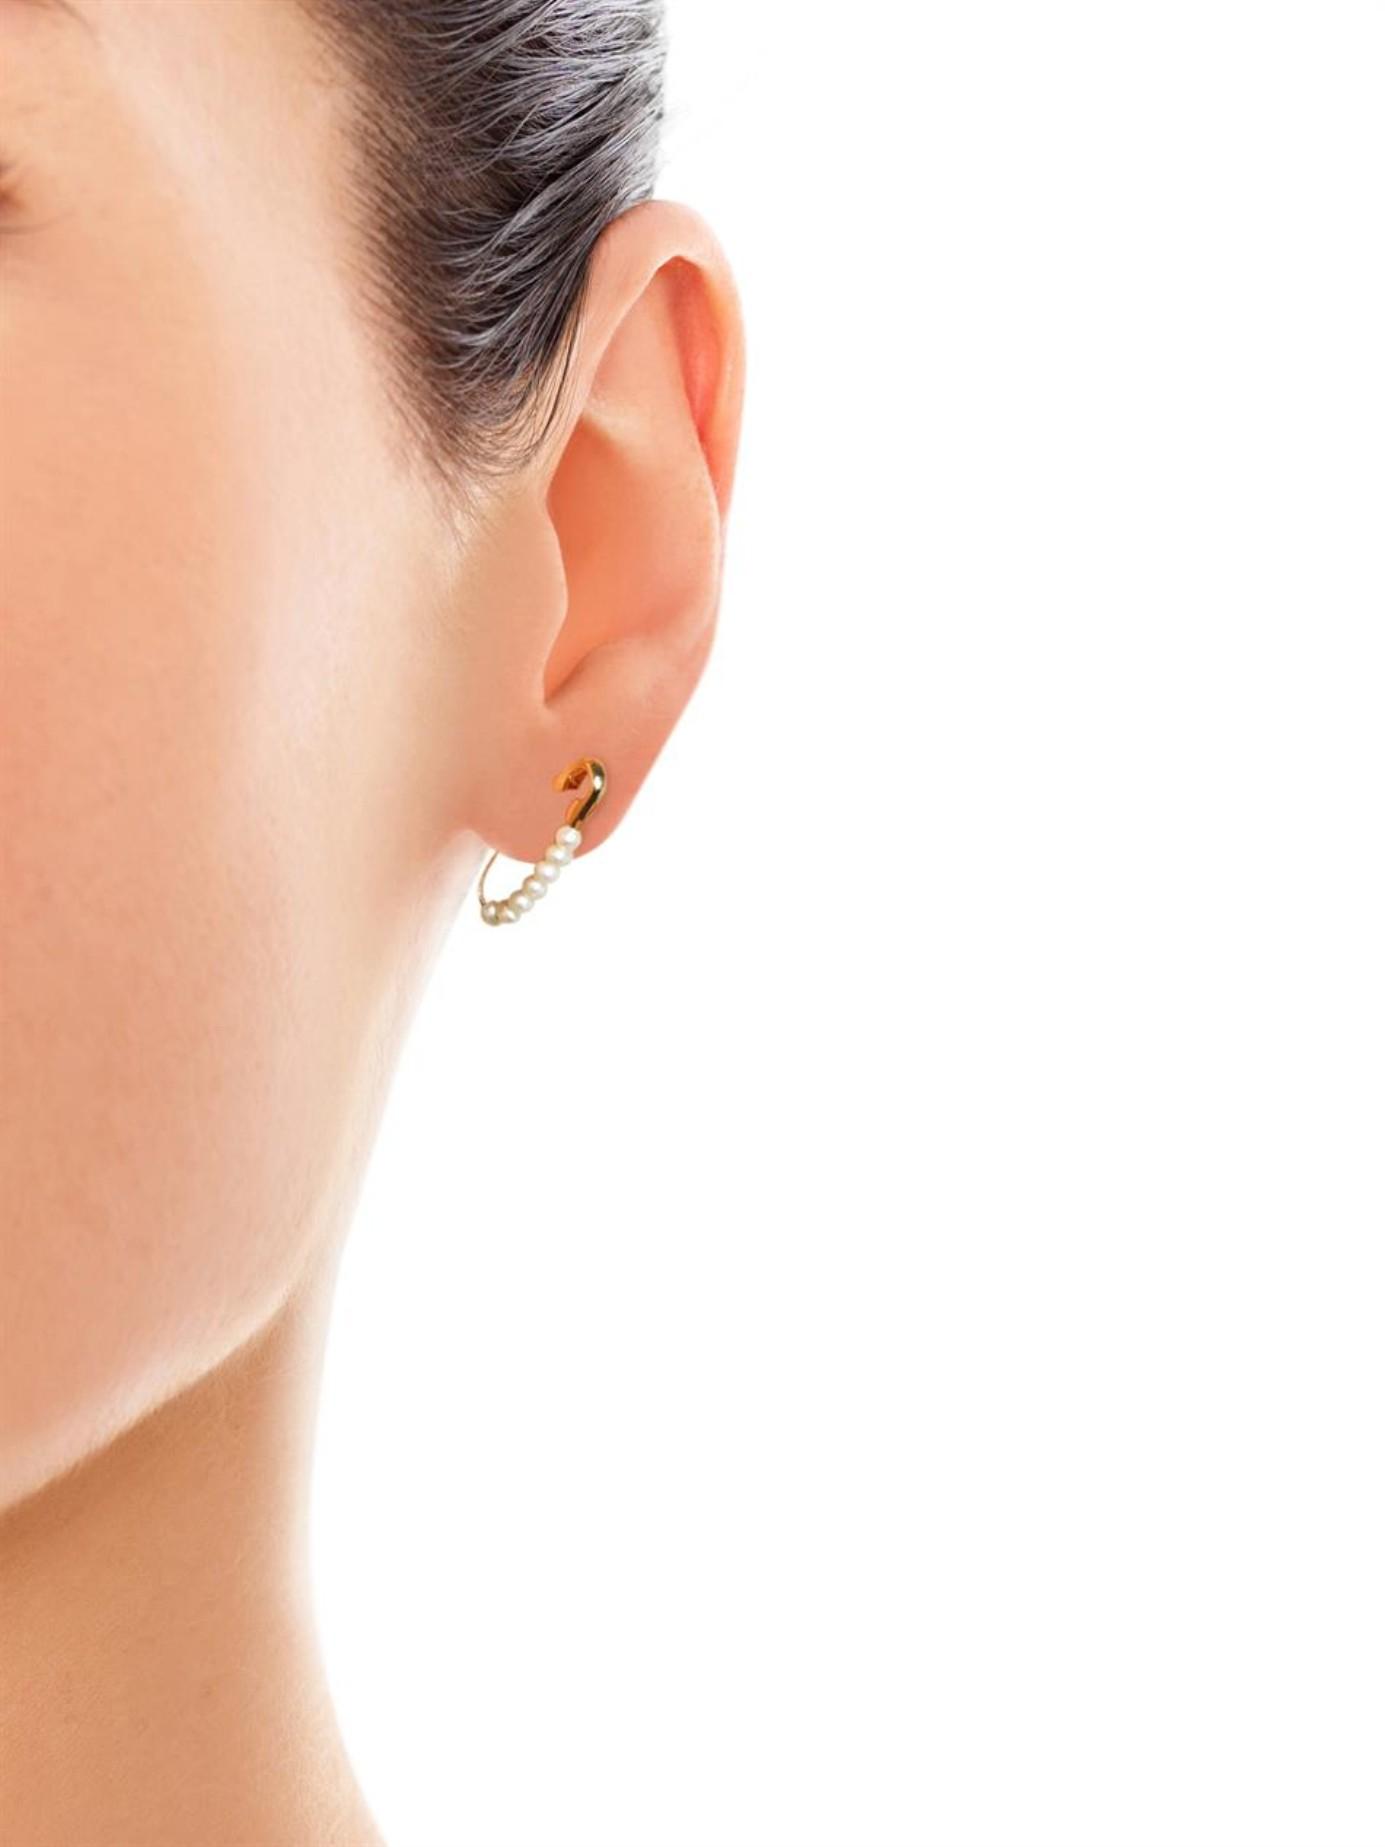 7a50e740281e0 Loren Stewart Safety Pin Earrings - Best All Earring Photos ...